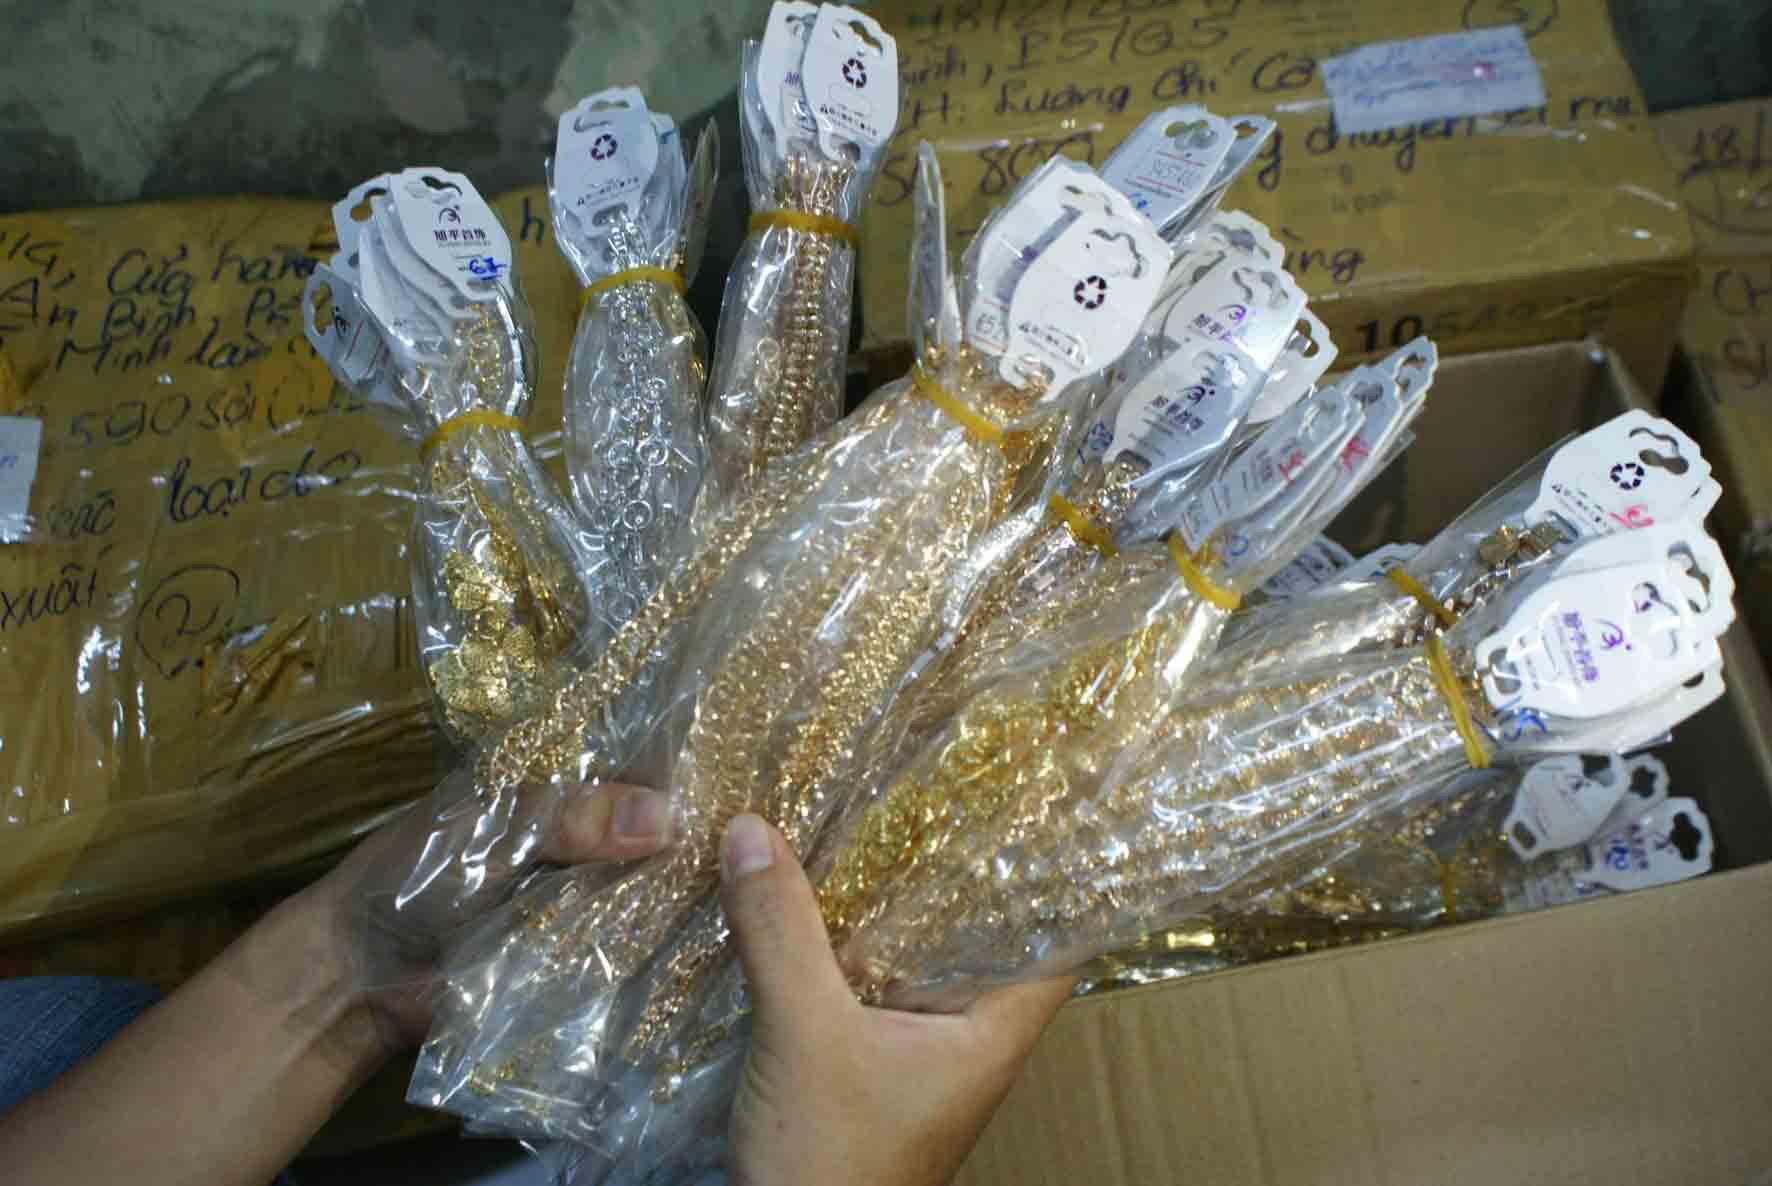 Đồ trang sức Trung Quốc chứa chất độc hại tại việt nam